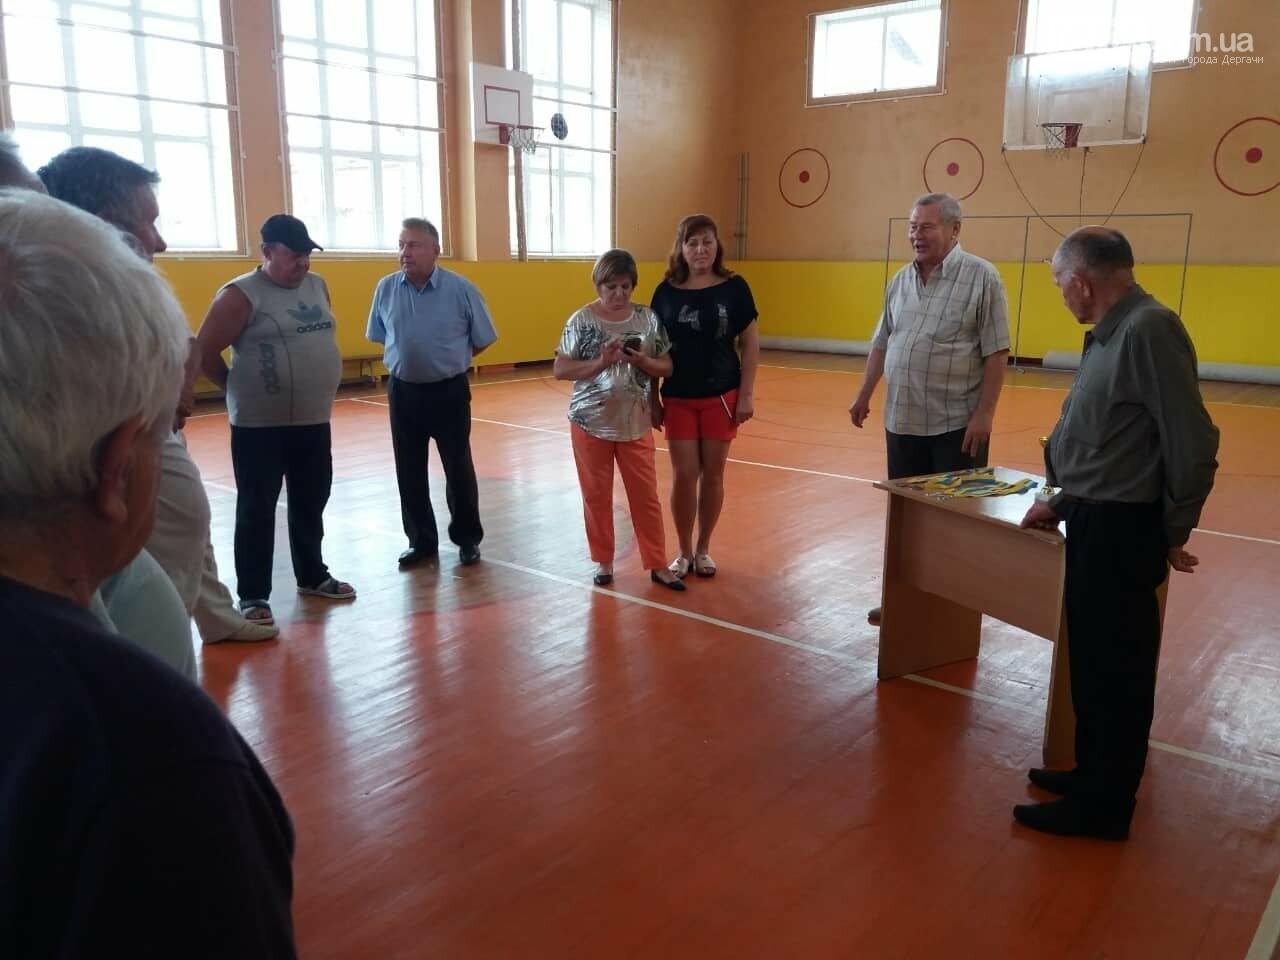 В Дергачах прошел турнир по домино, фото-1